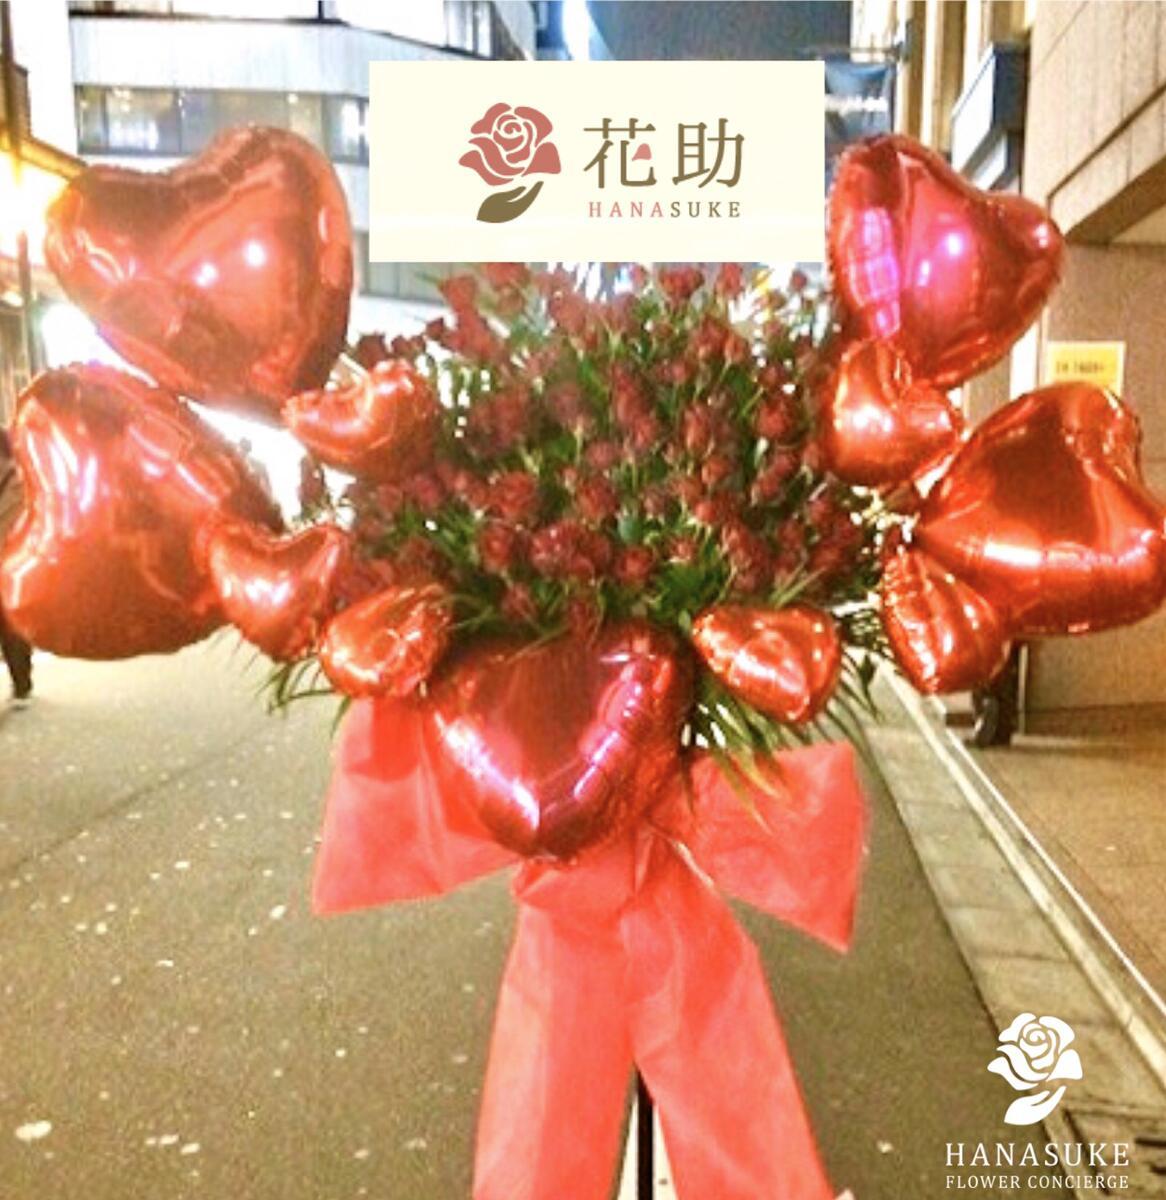 【バルーンフラワースタンド花】フラワーコンシェルジュが厳選した花屋のバルーンスタンド花 1段 40000円 送料無料 即日発送【_メッセ入力】